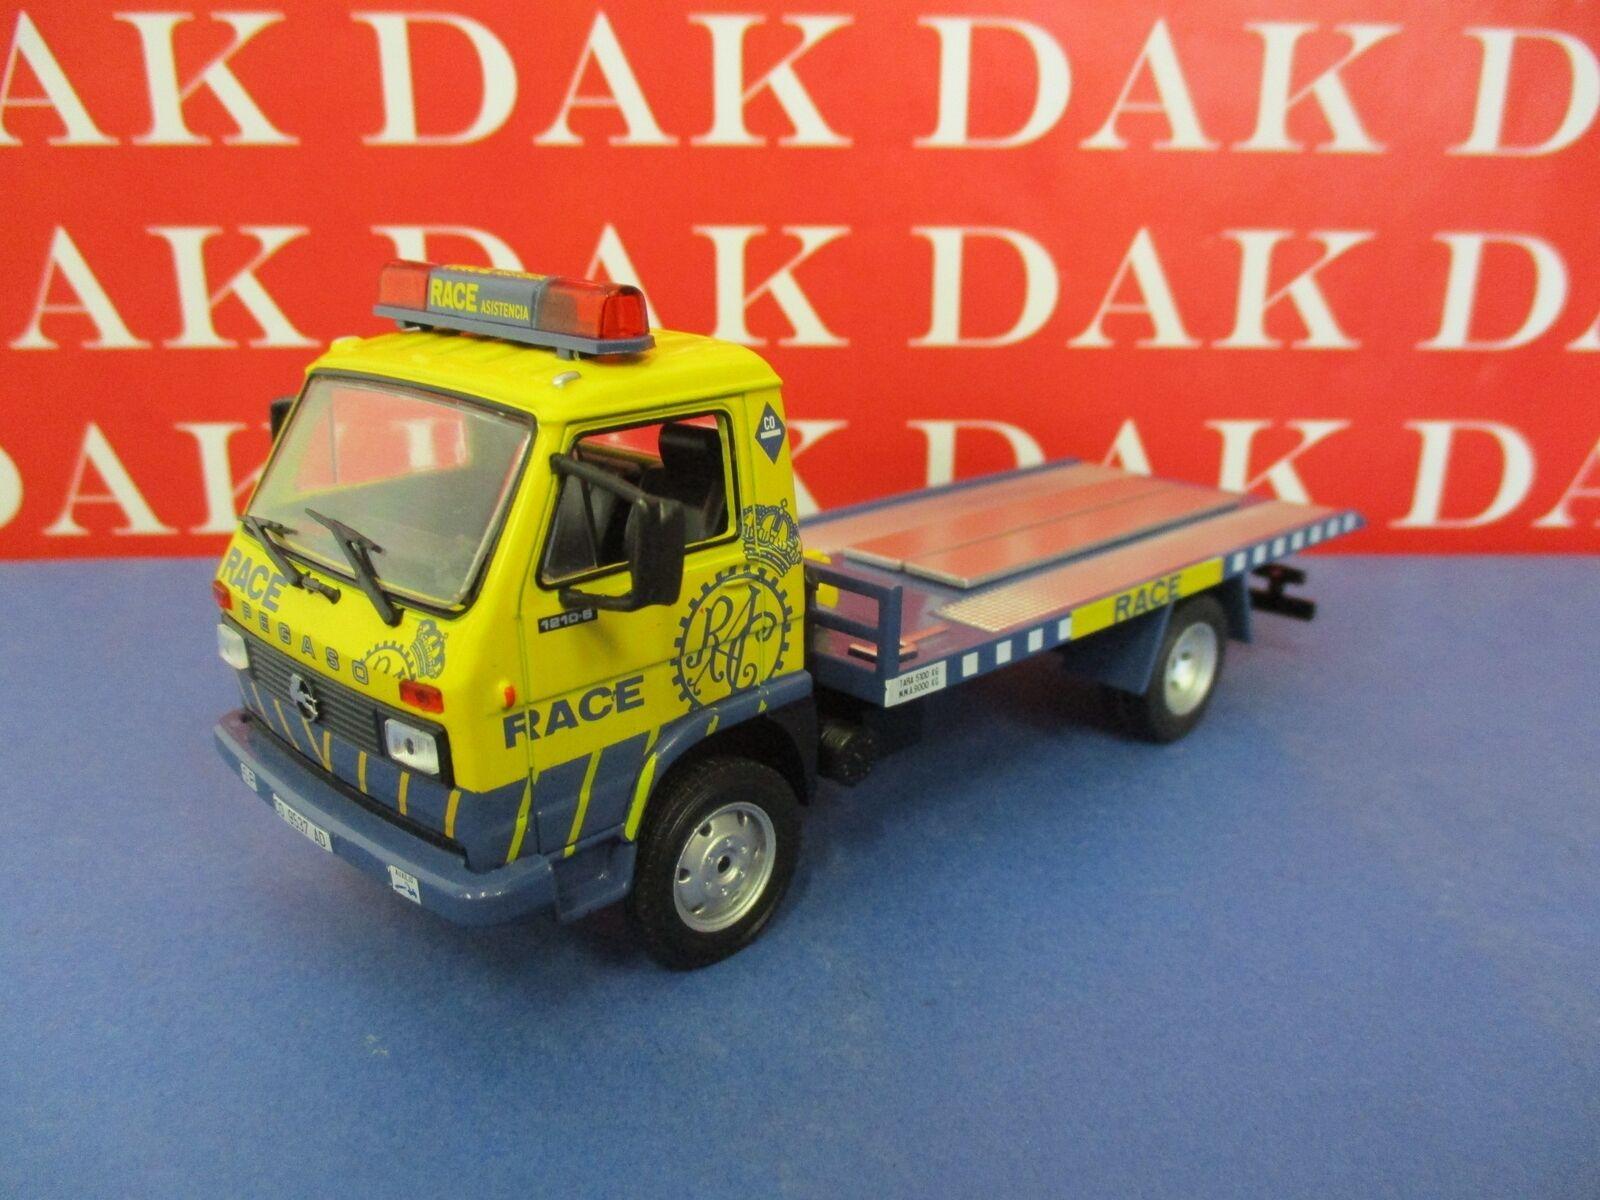 Las ventas en línea ahorran un 70%. Die cast 1 1 1 43 Modellino Camion Cochero Attrezzi Pegaso Ekus 1210 RACE 1988  disfrutando de sus compras